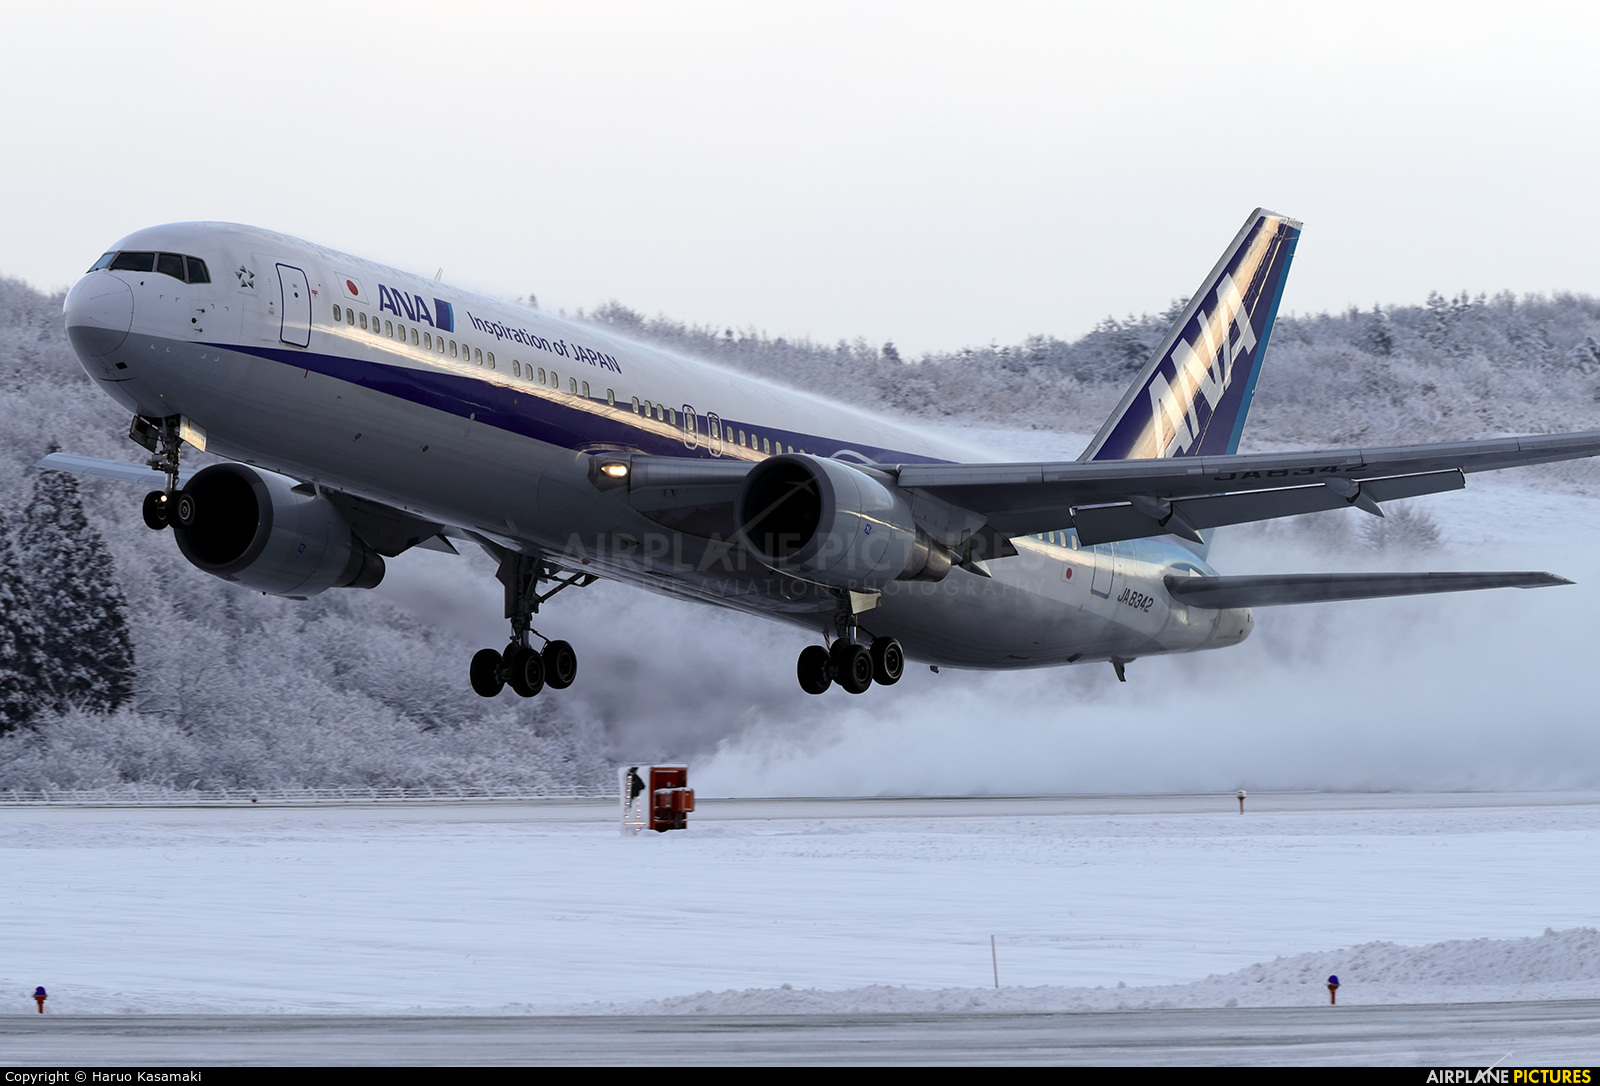 ANA - All Nippon Airways JA8342 aircraft at Akita